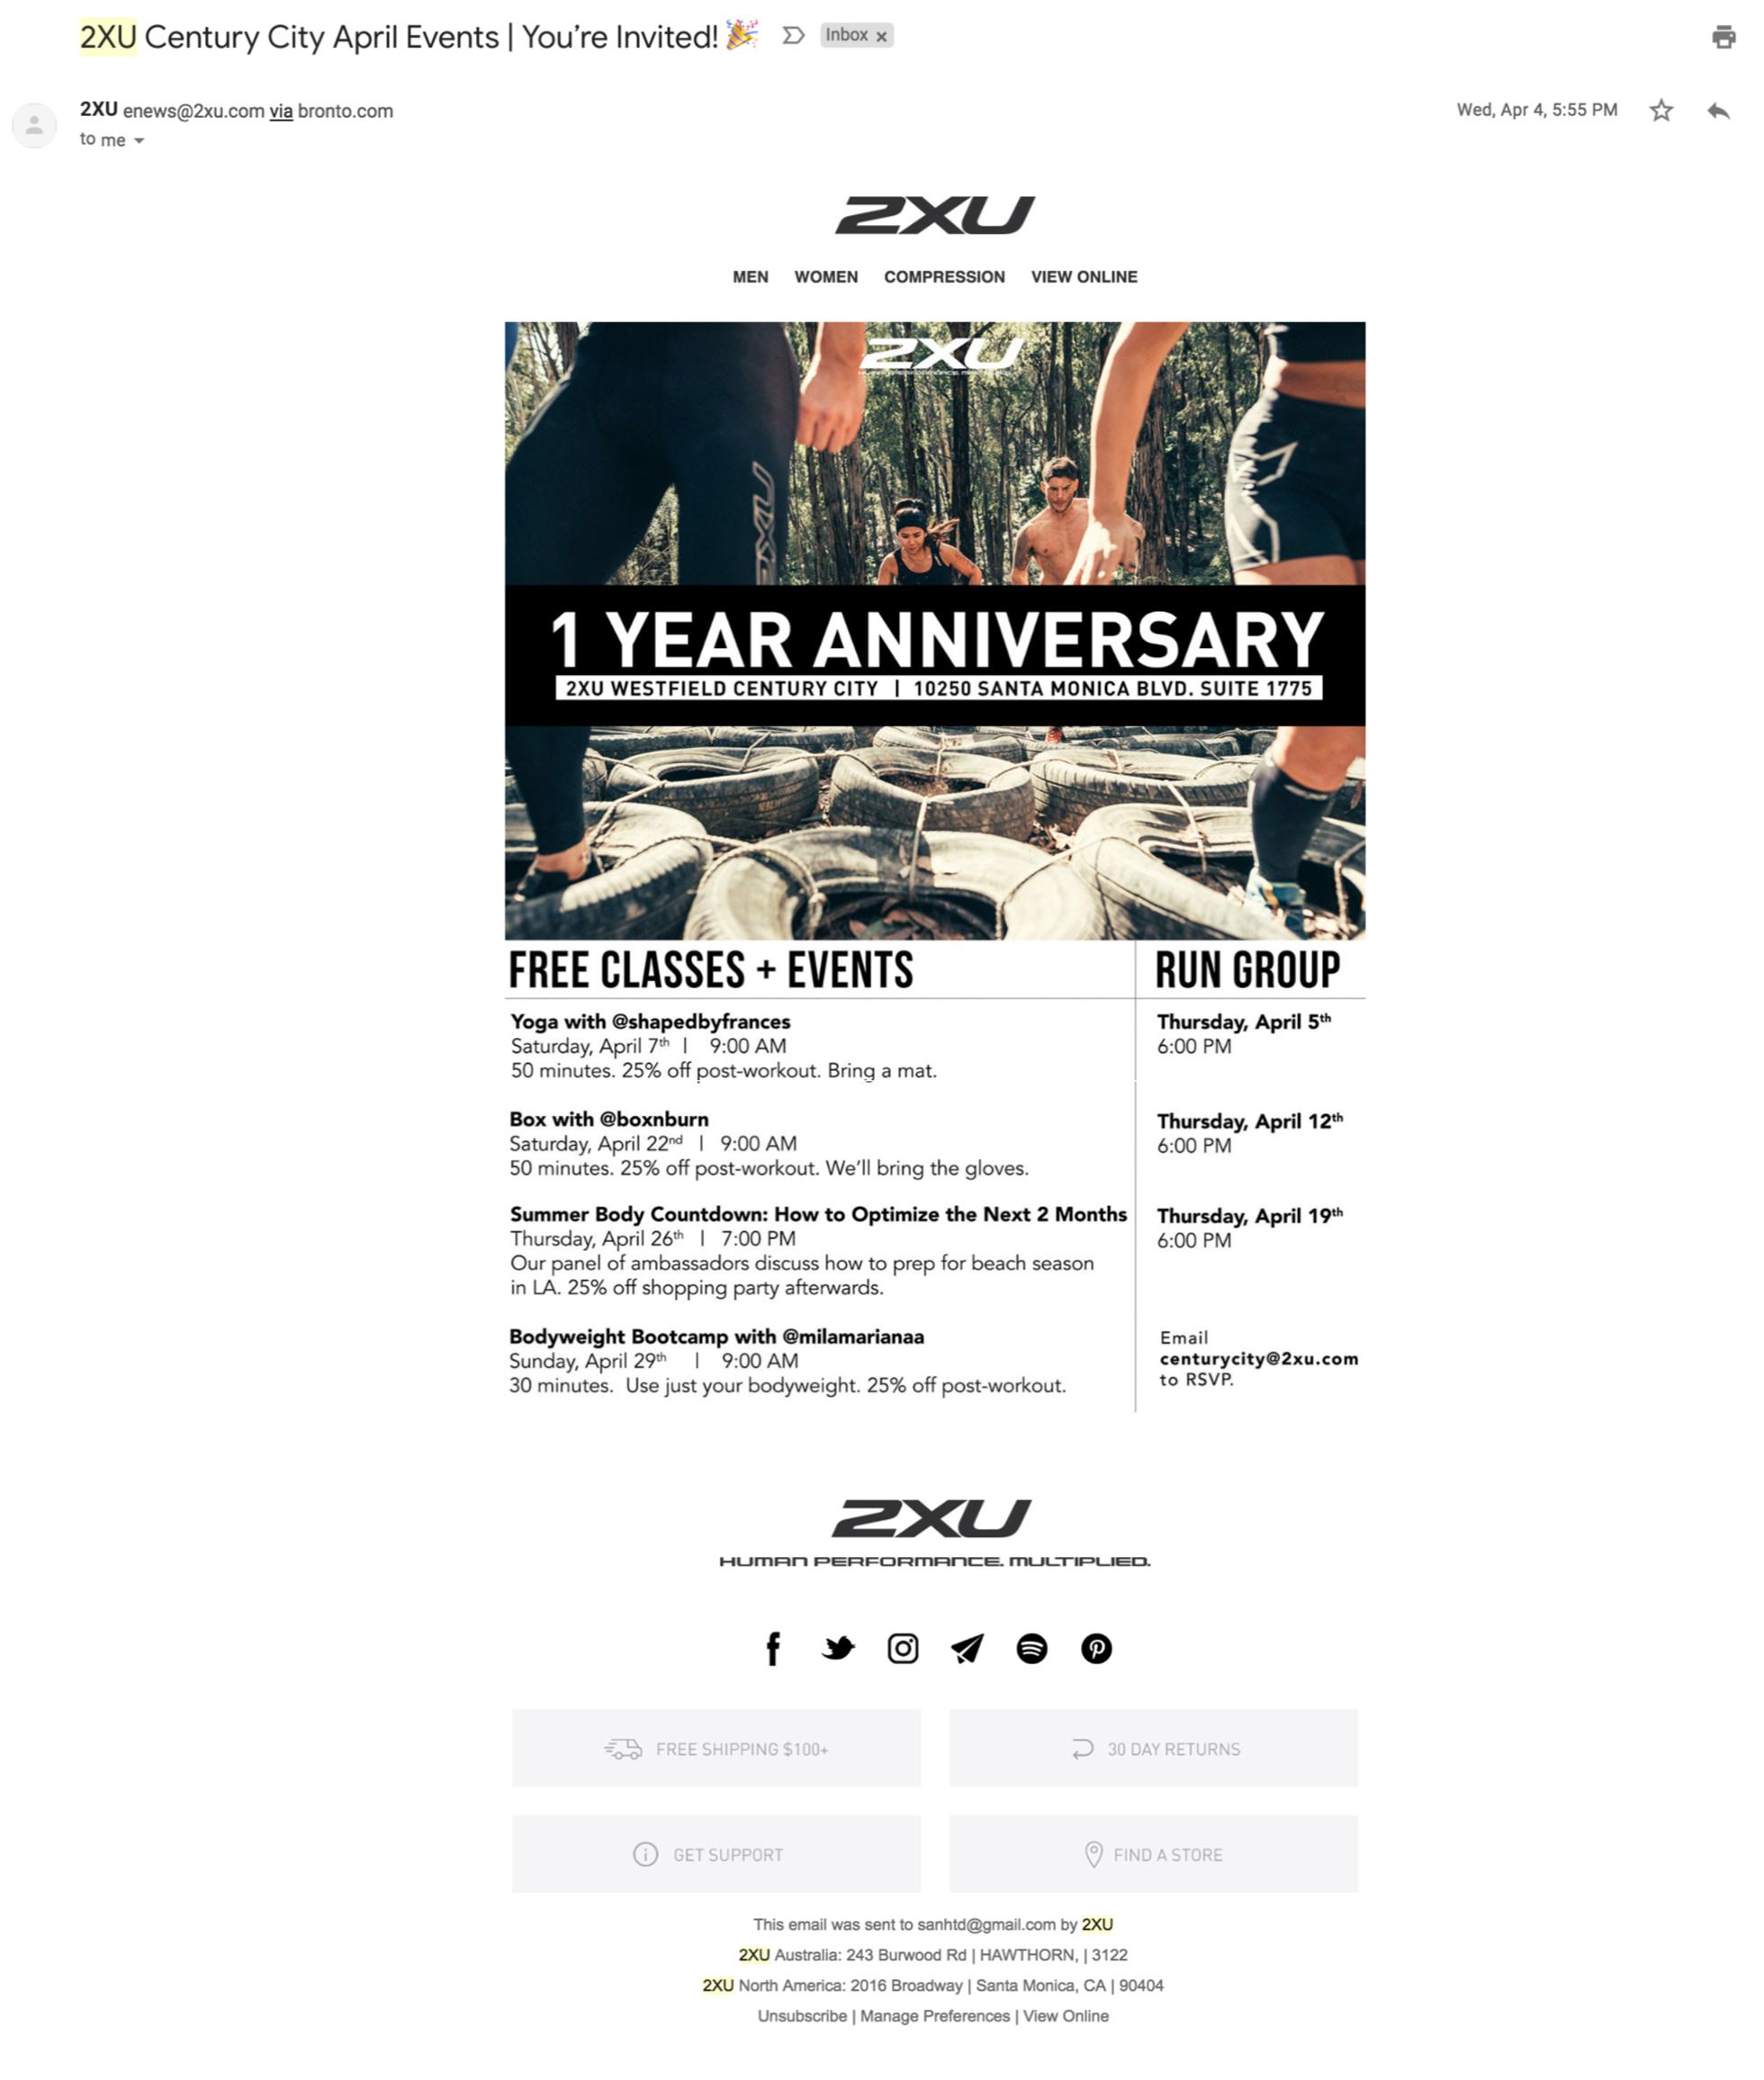 2XU-Anniversary-Email.jpg